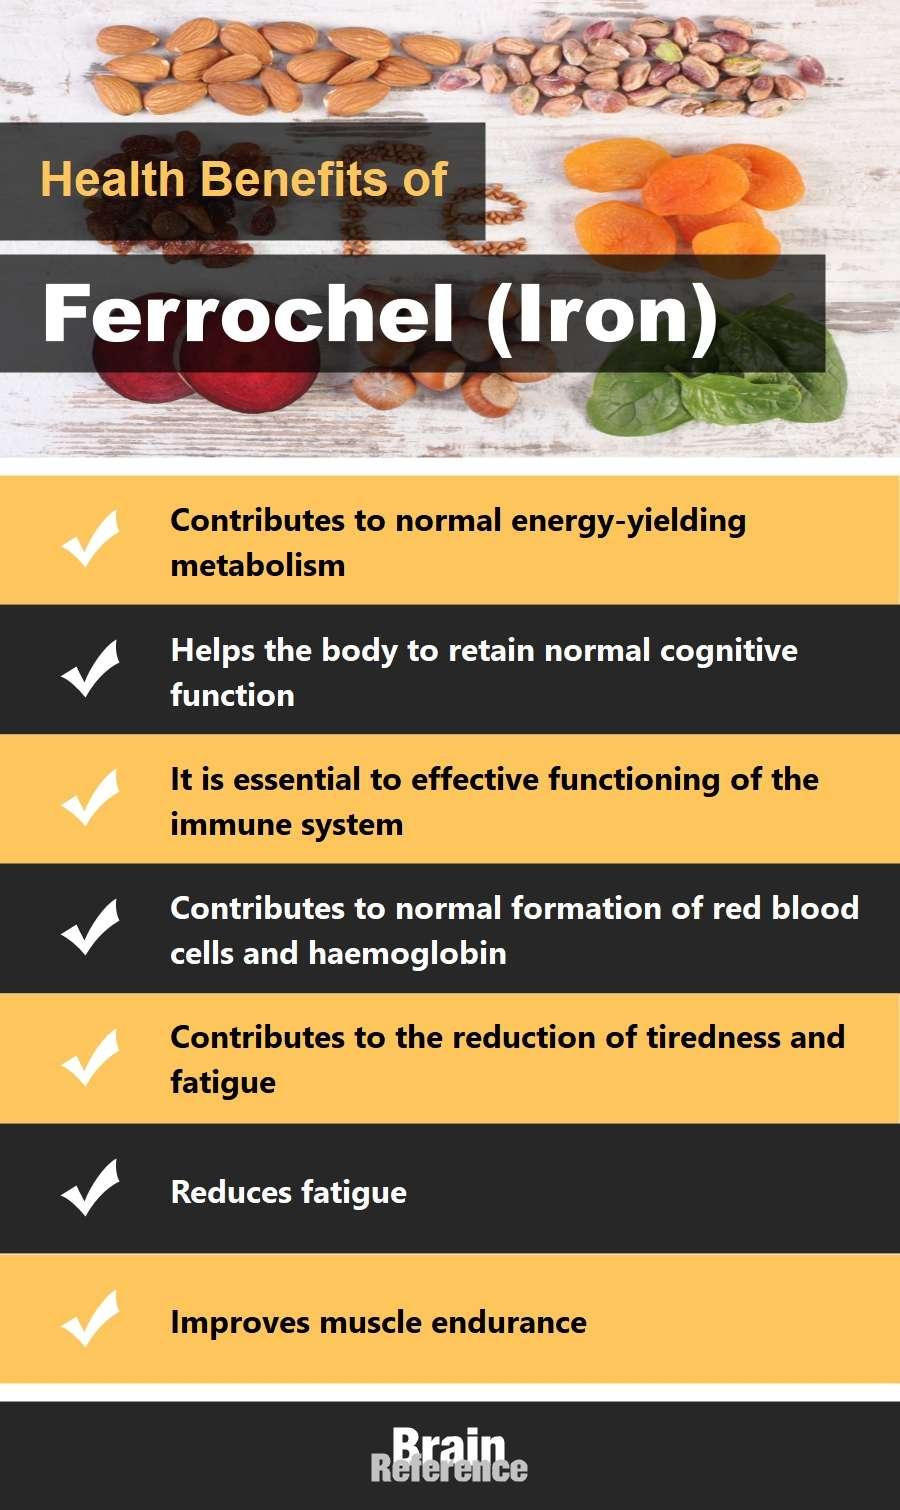 Geritol-Liquid-MEDA-Pharmaceuticals-Iron-Benefits